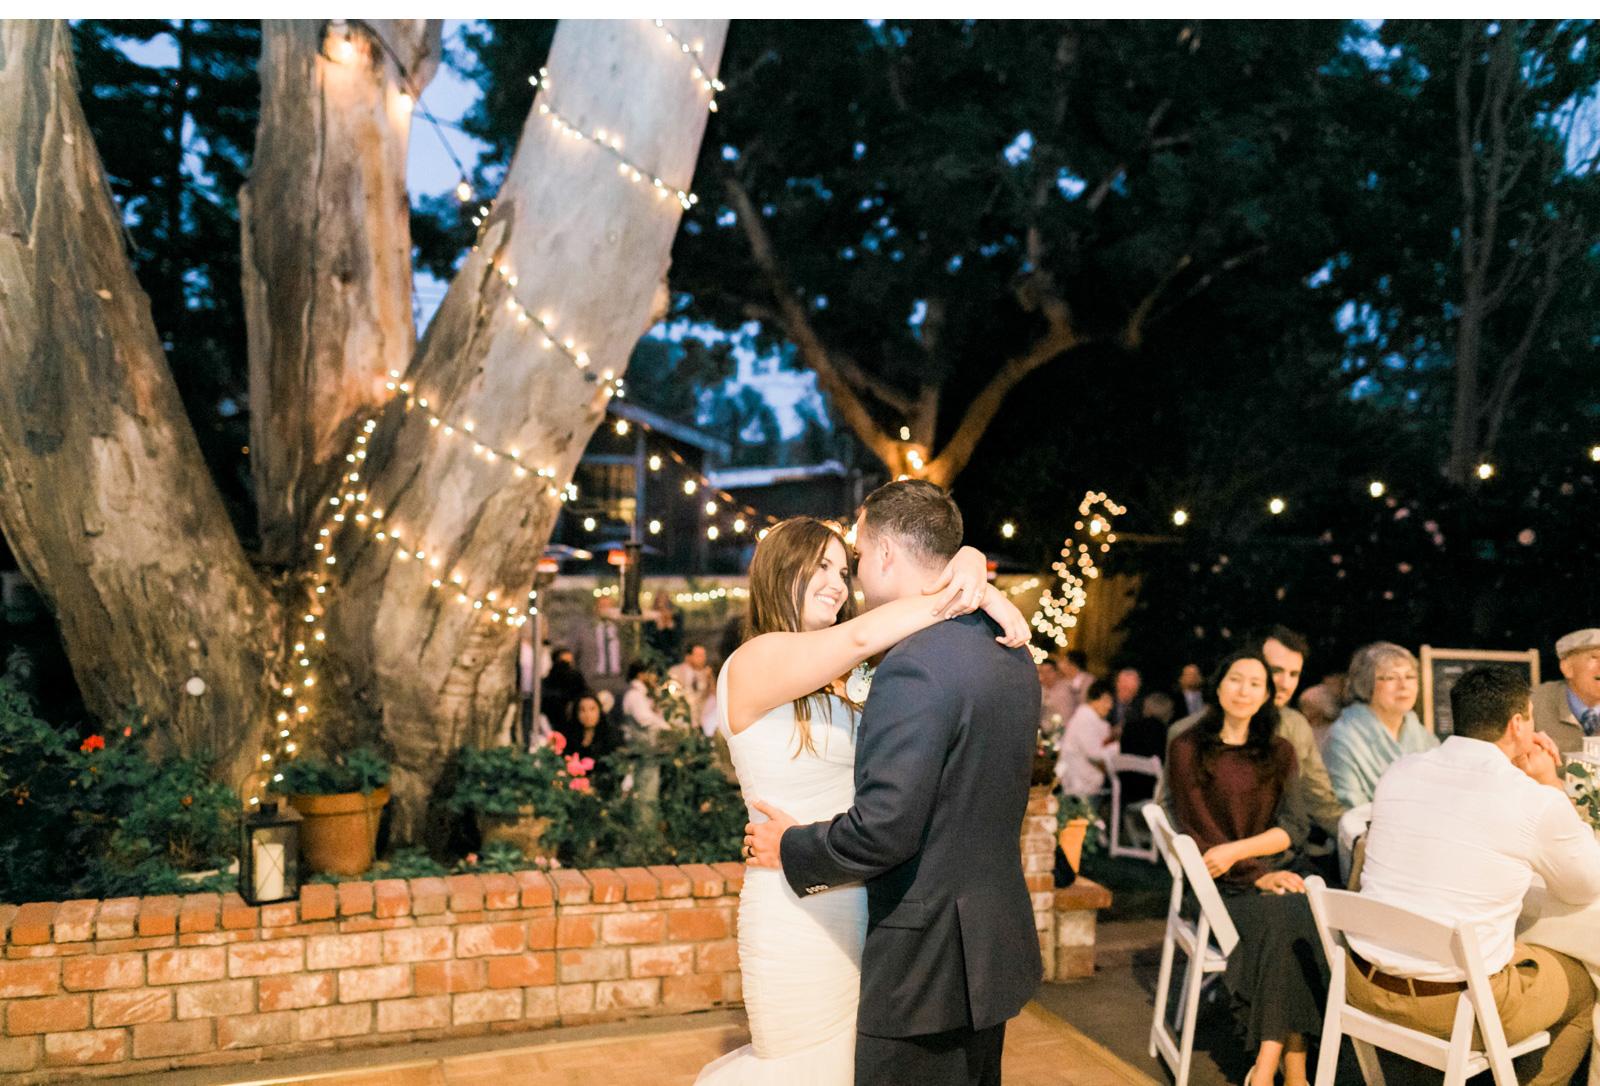 The-Dougher's-Backyard-Wedding_03.jpg